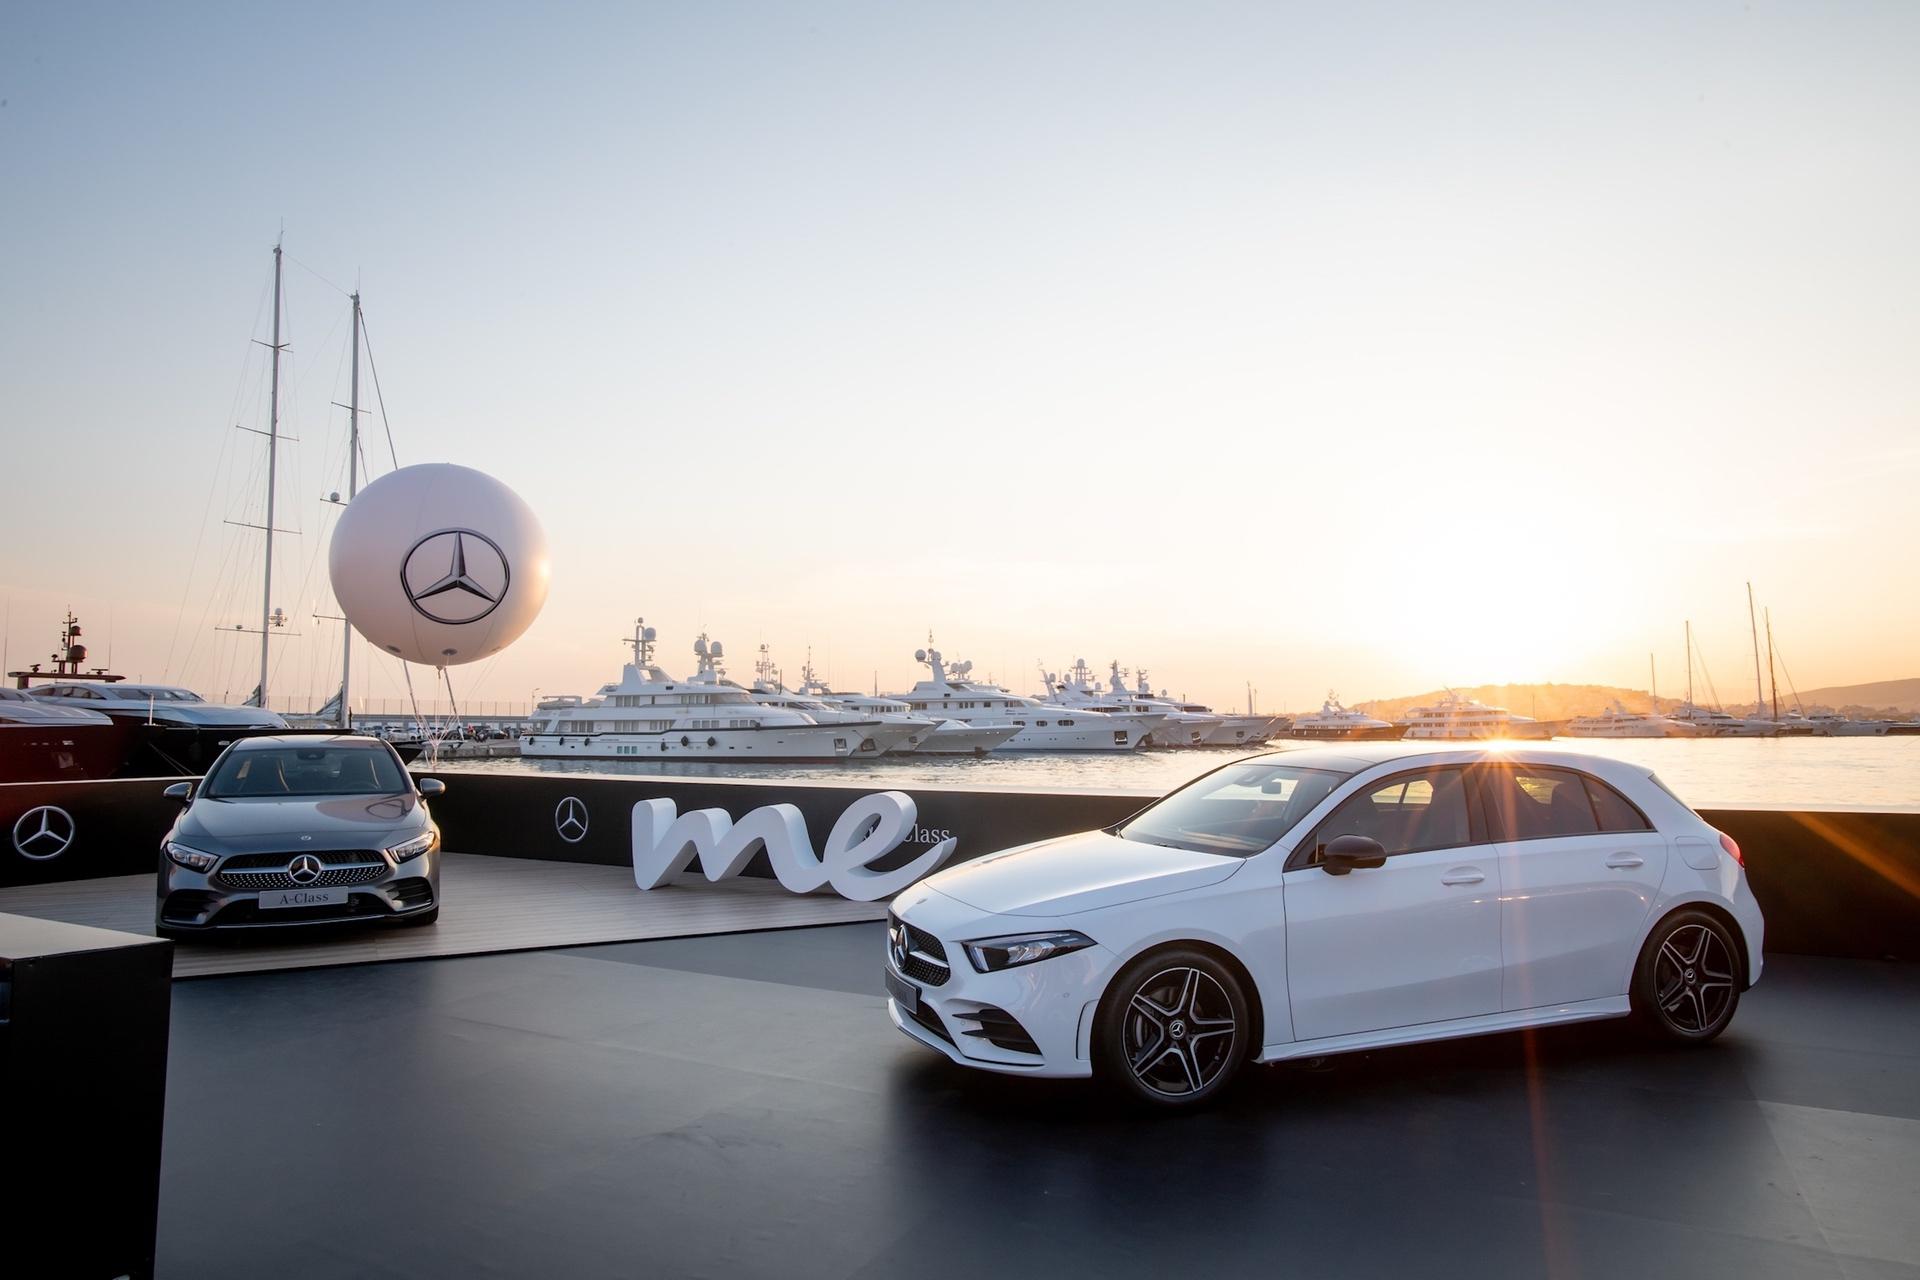 Mercedes_A-Class_Greece_0001